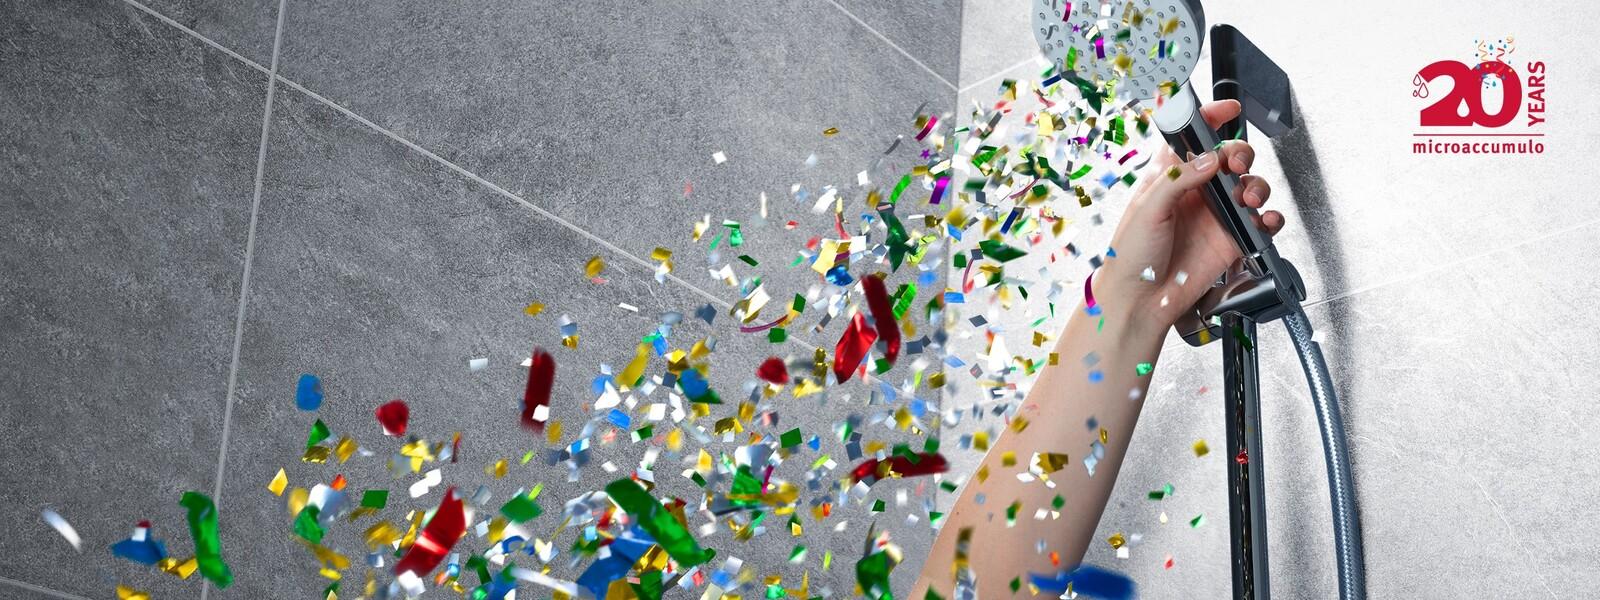 una mano tieni il soffione della doccia mentre escono coriandoli di festa